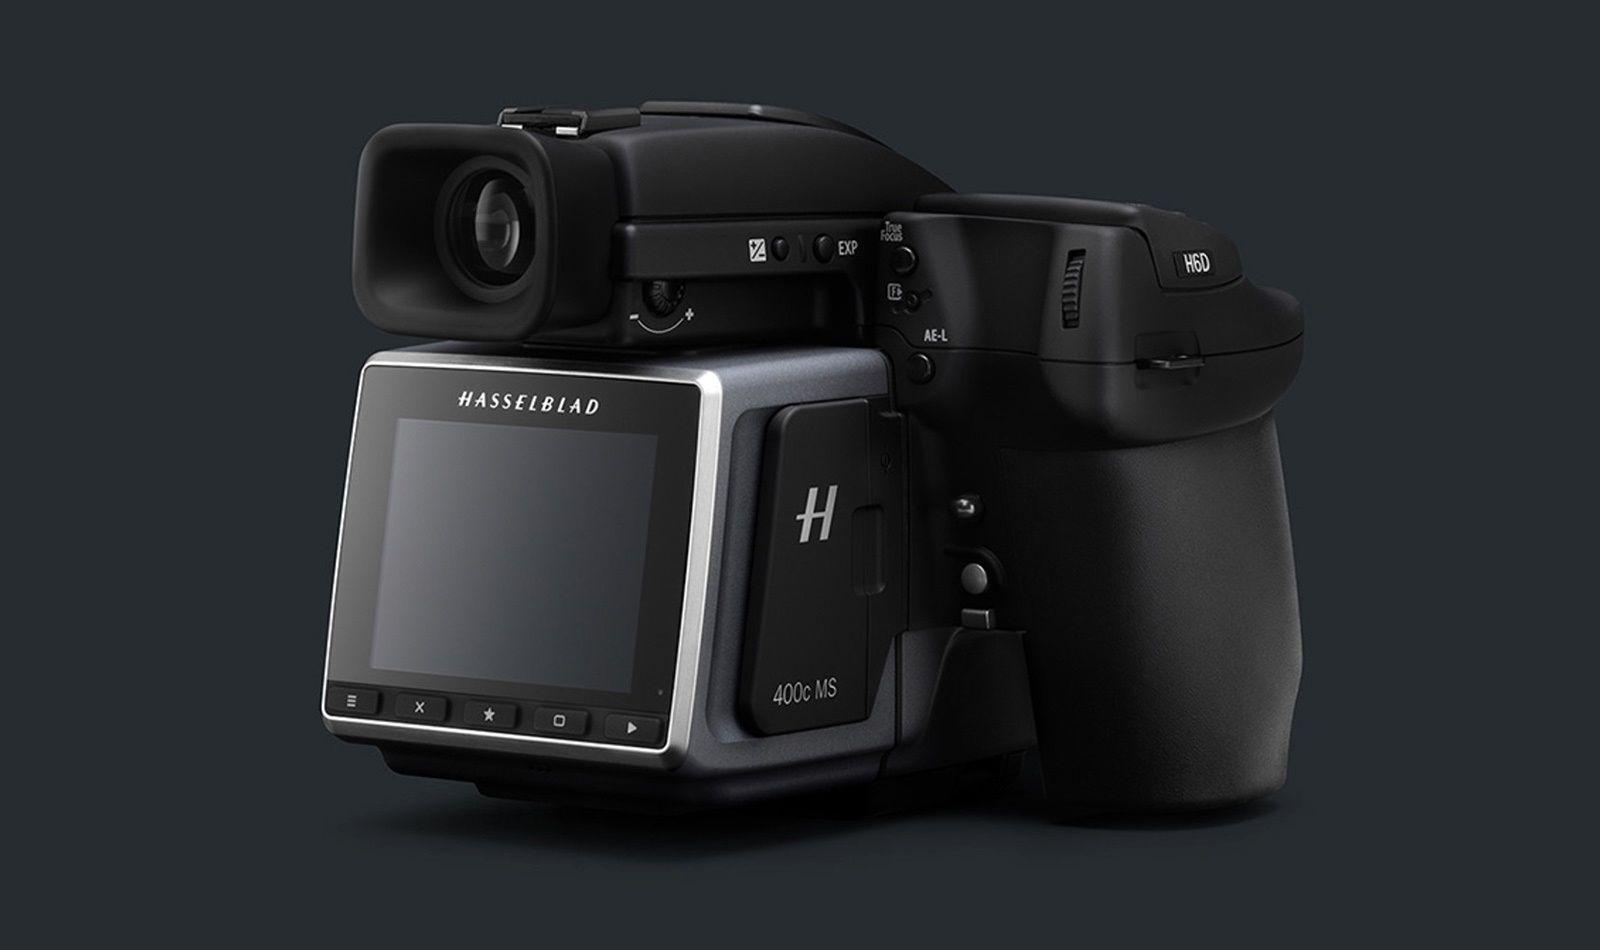 رونمایی از دوربین ۴۰۰ مگاپیکسلی +عکس